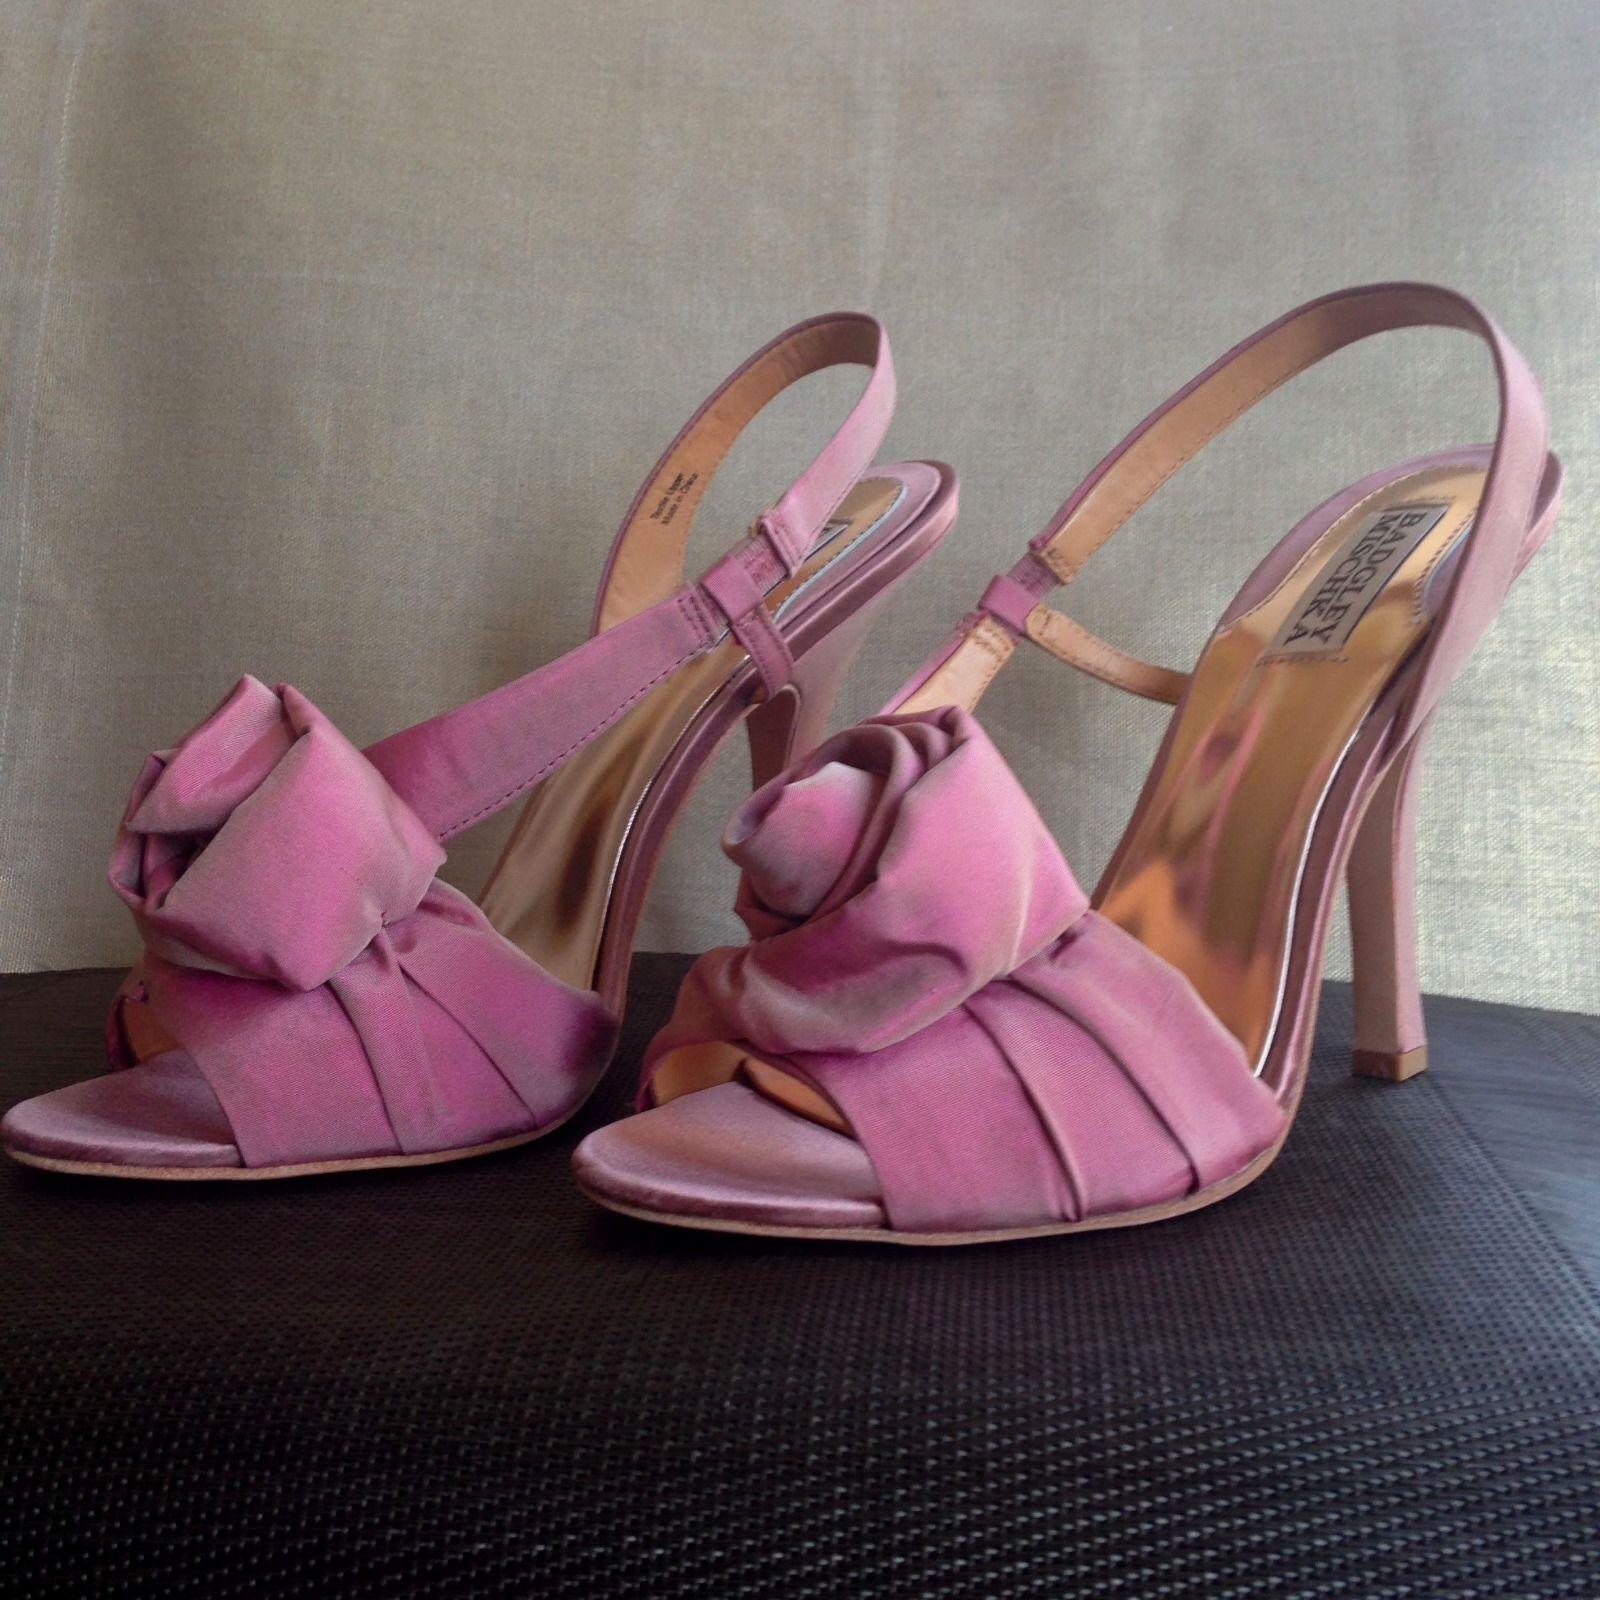 Nuevos Zapatos Badgley Mischka rosadodo rosadodo rosadodo Tacones Lanah rosado Charol 8.5 Nupcial Boda  punto de venta